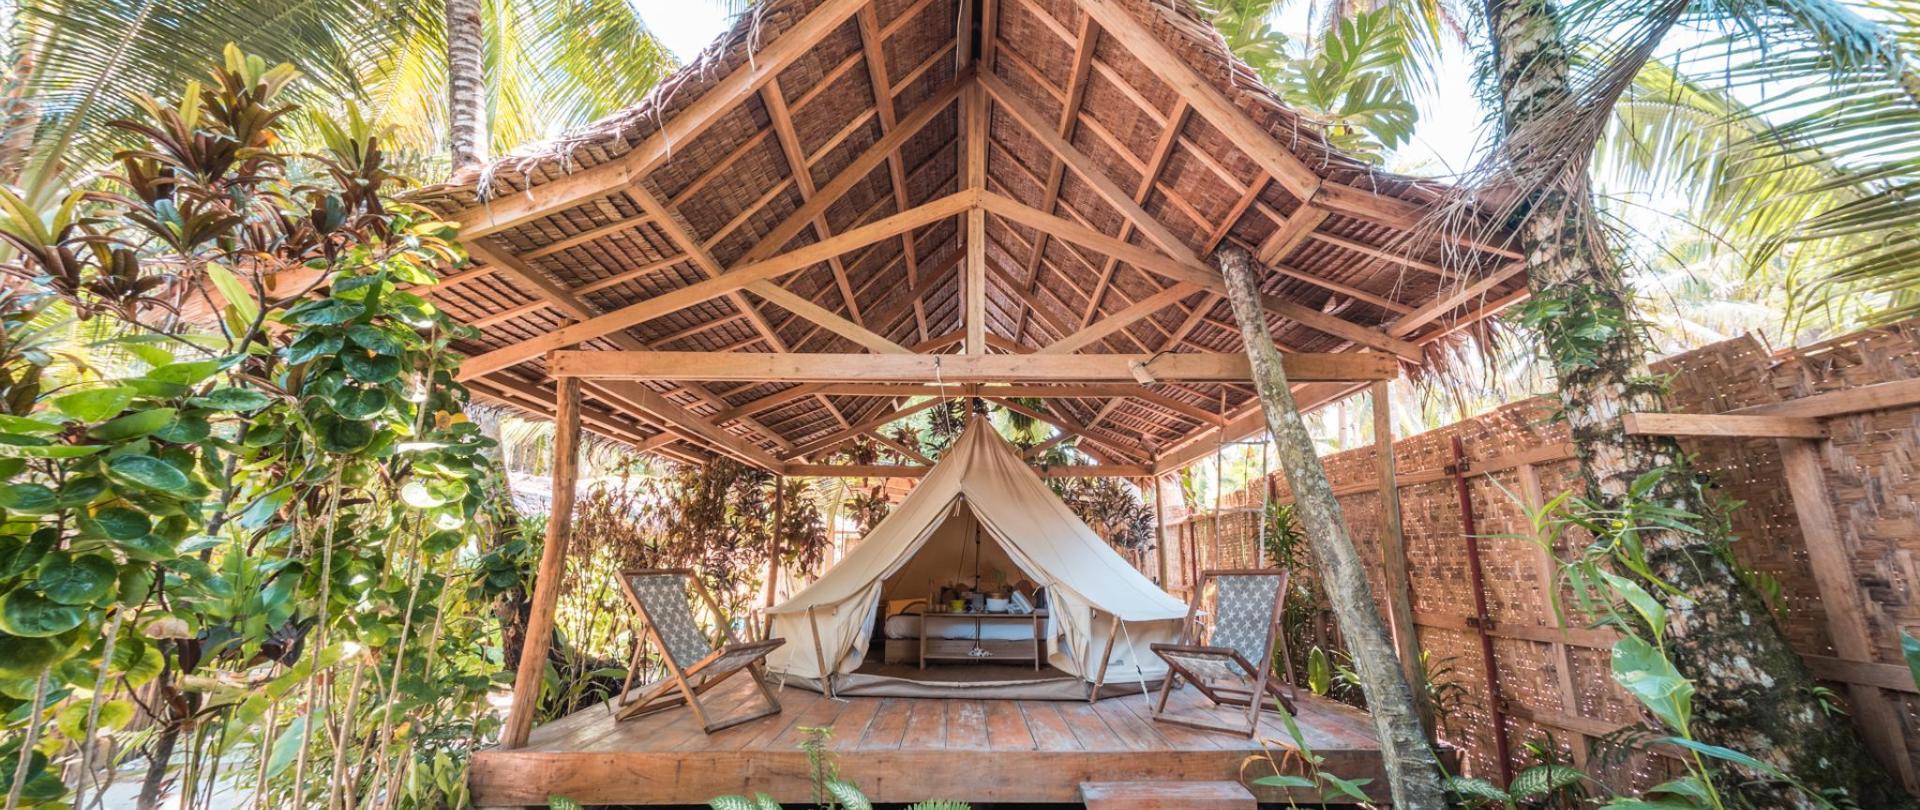 Soultribe Beach Retreat